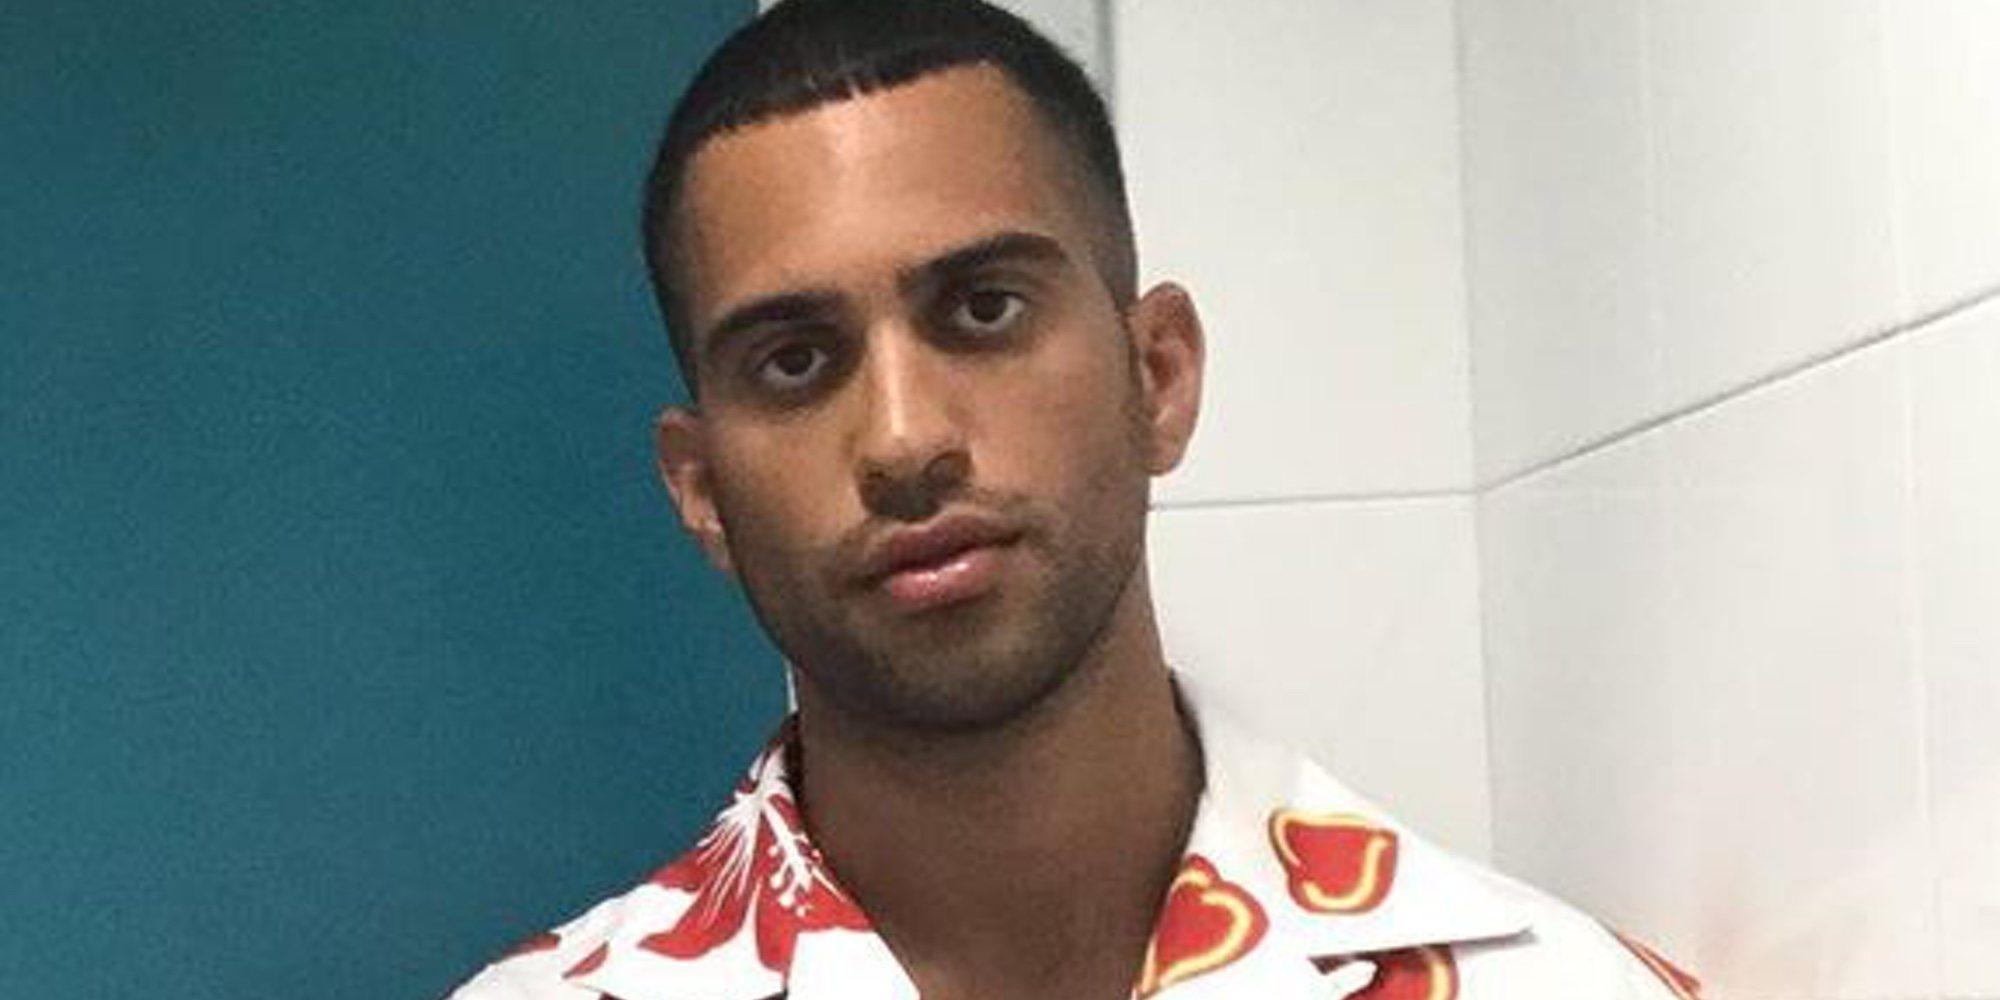 """Mahmood: """"'The X Factor' no cambió mi vida porque el año siguiente estaba trabajando de camarero"""""""